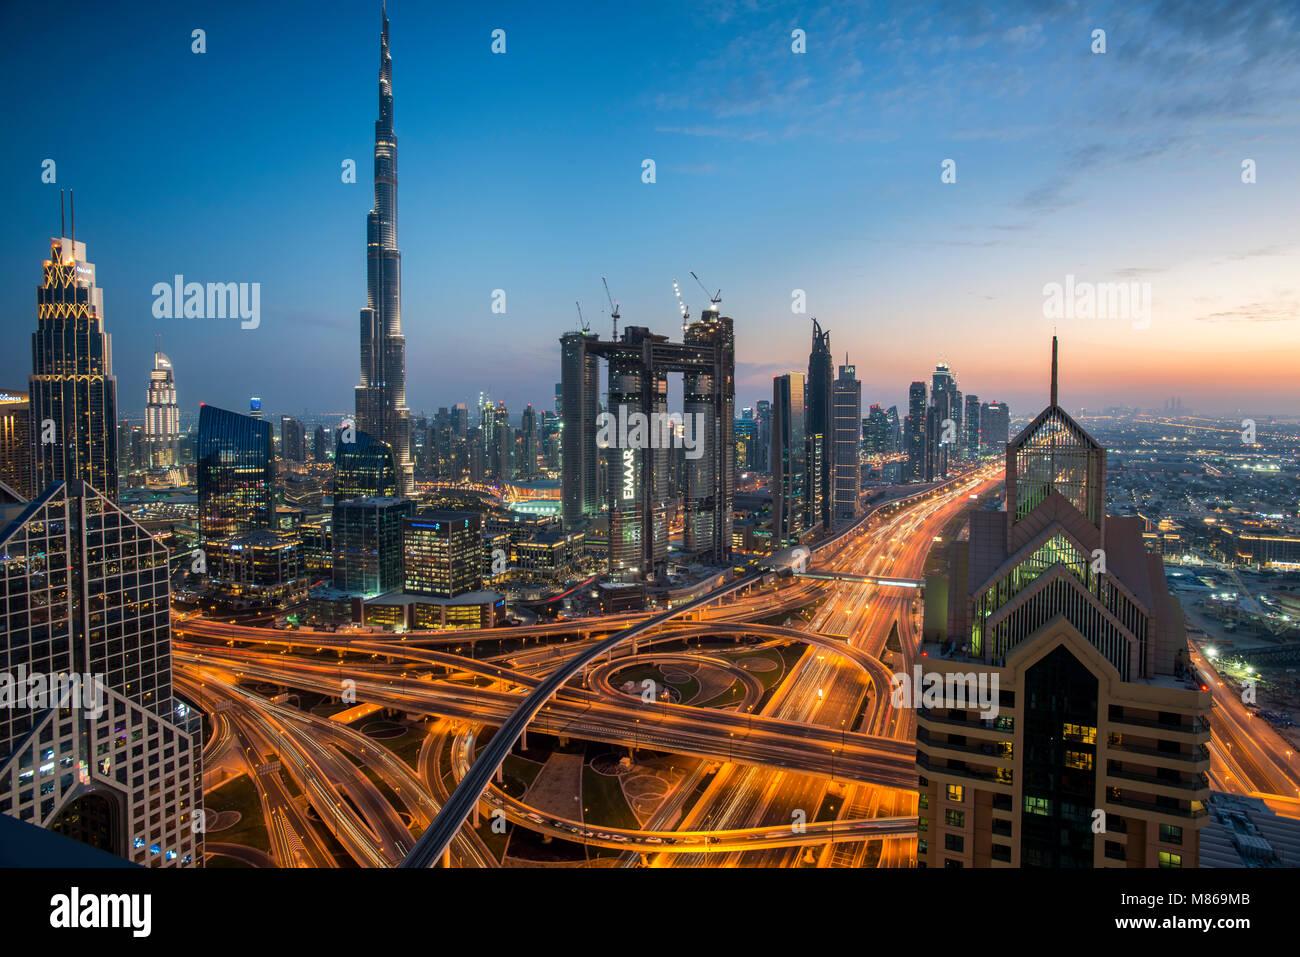 Paisajes urbanos de día y de noche, con Singapur o Dubai. Para Singapur, con Marina Bay Sands por el puerto. Imagen De Stock